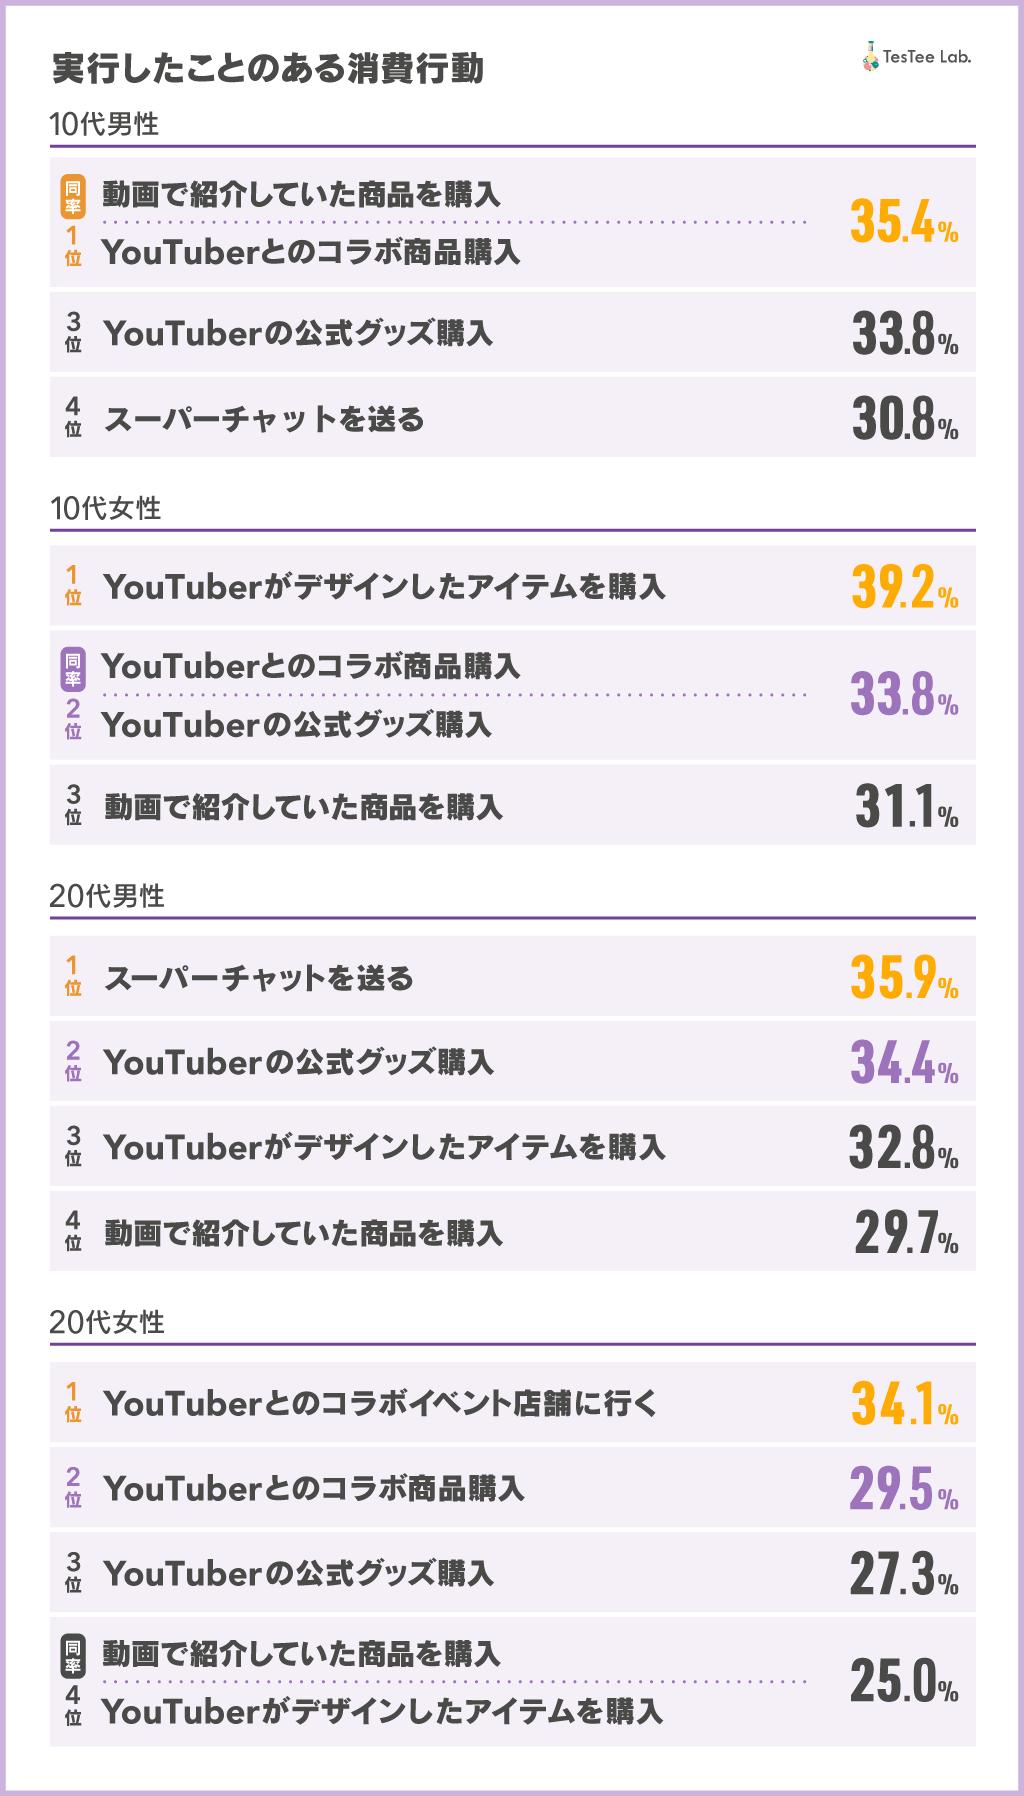 YouTuber調査2021 記事内画像2